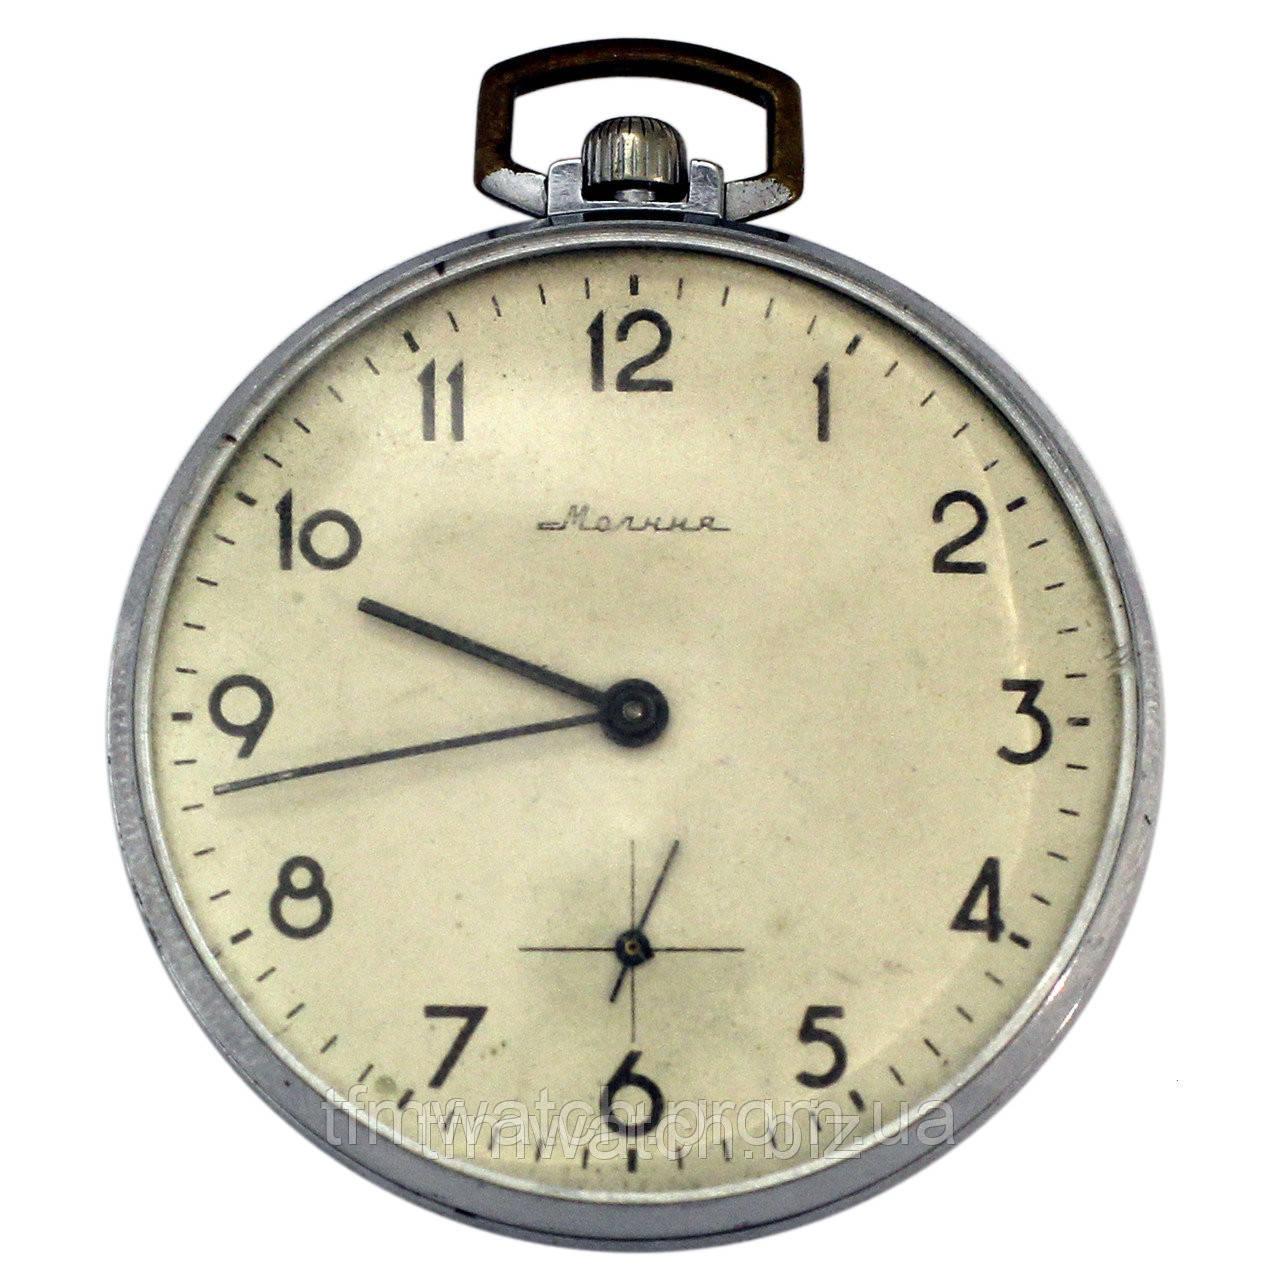 7ea94e28 Советские карманные часы Молния - Магазин старинных, винтажных и  антикварных часов TFMwatch в России